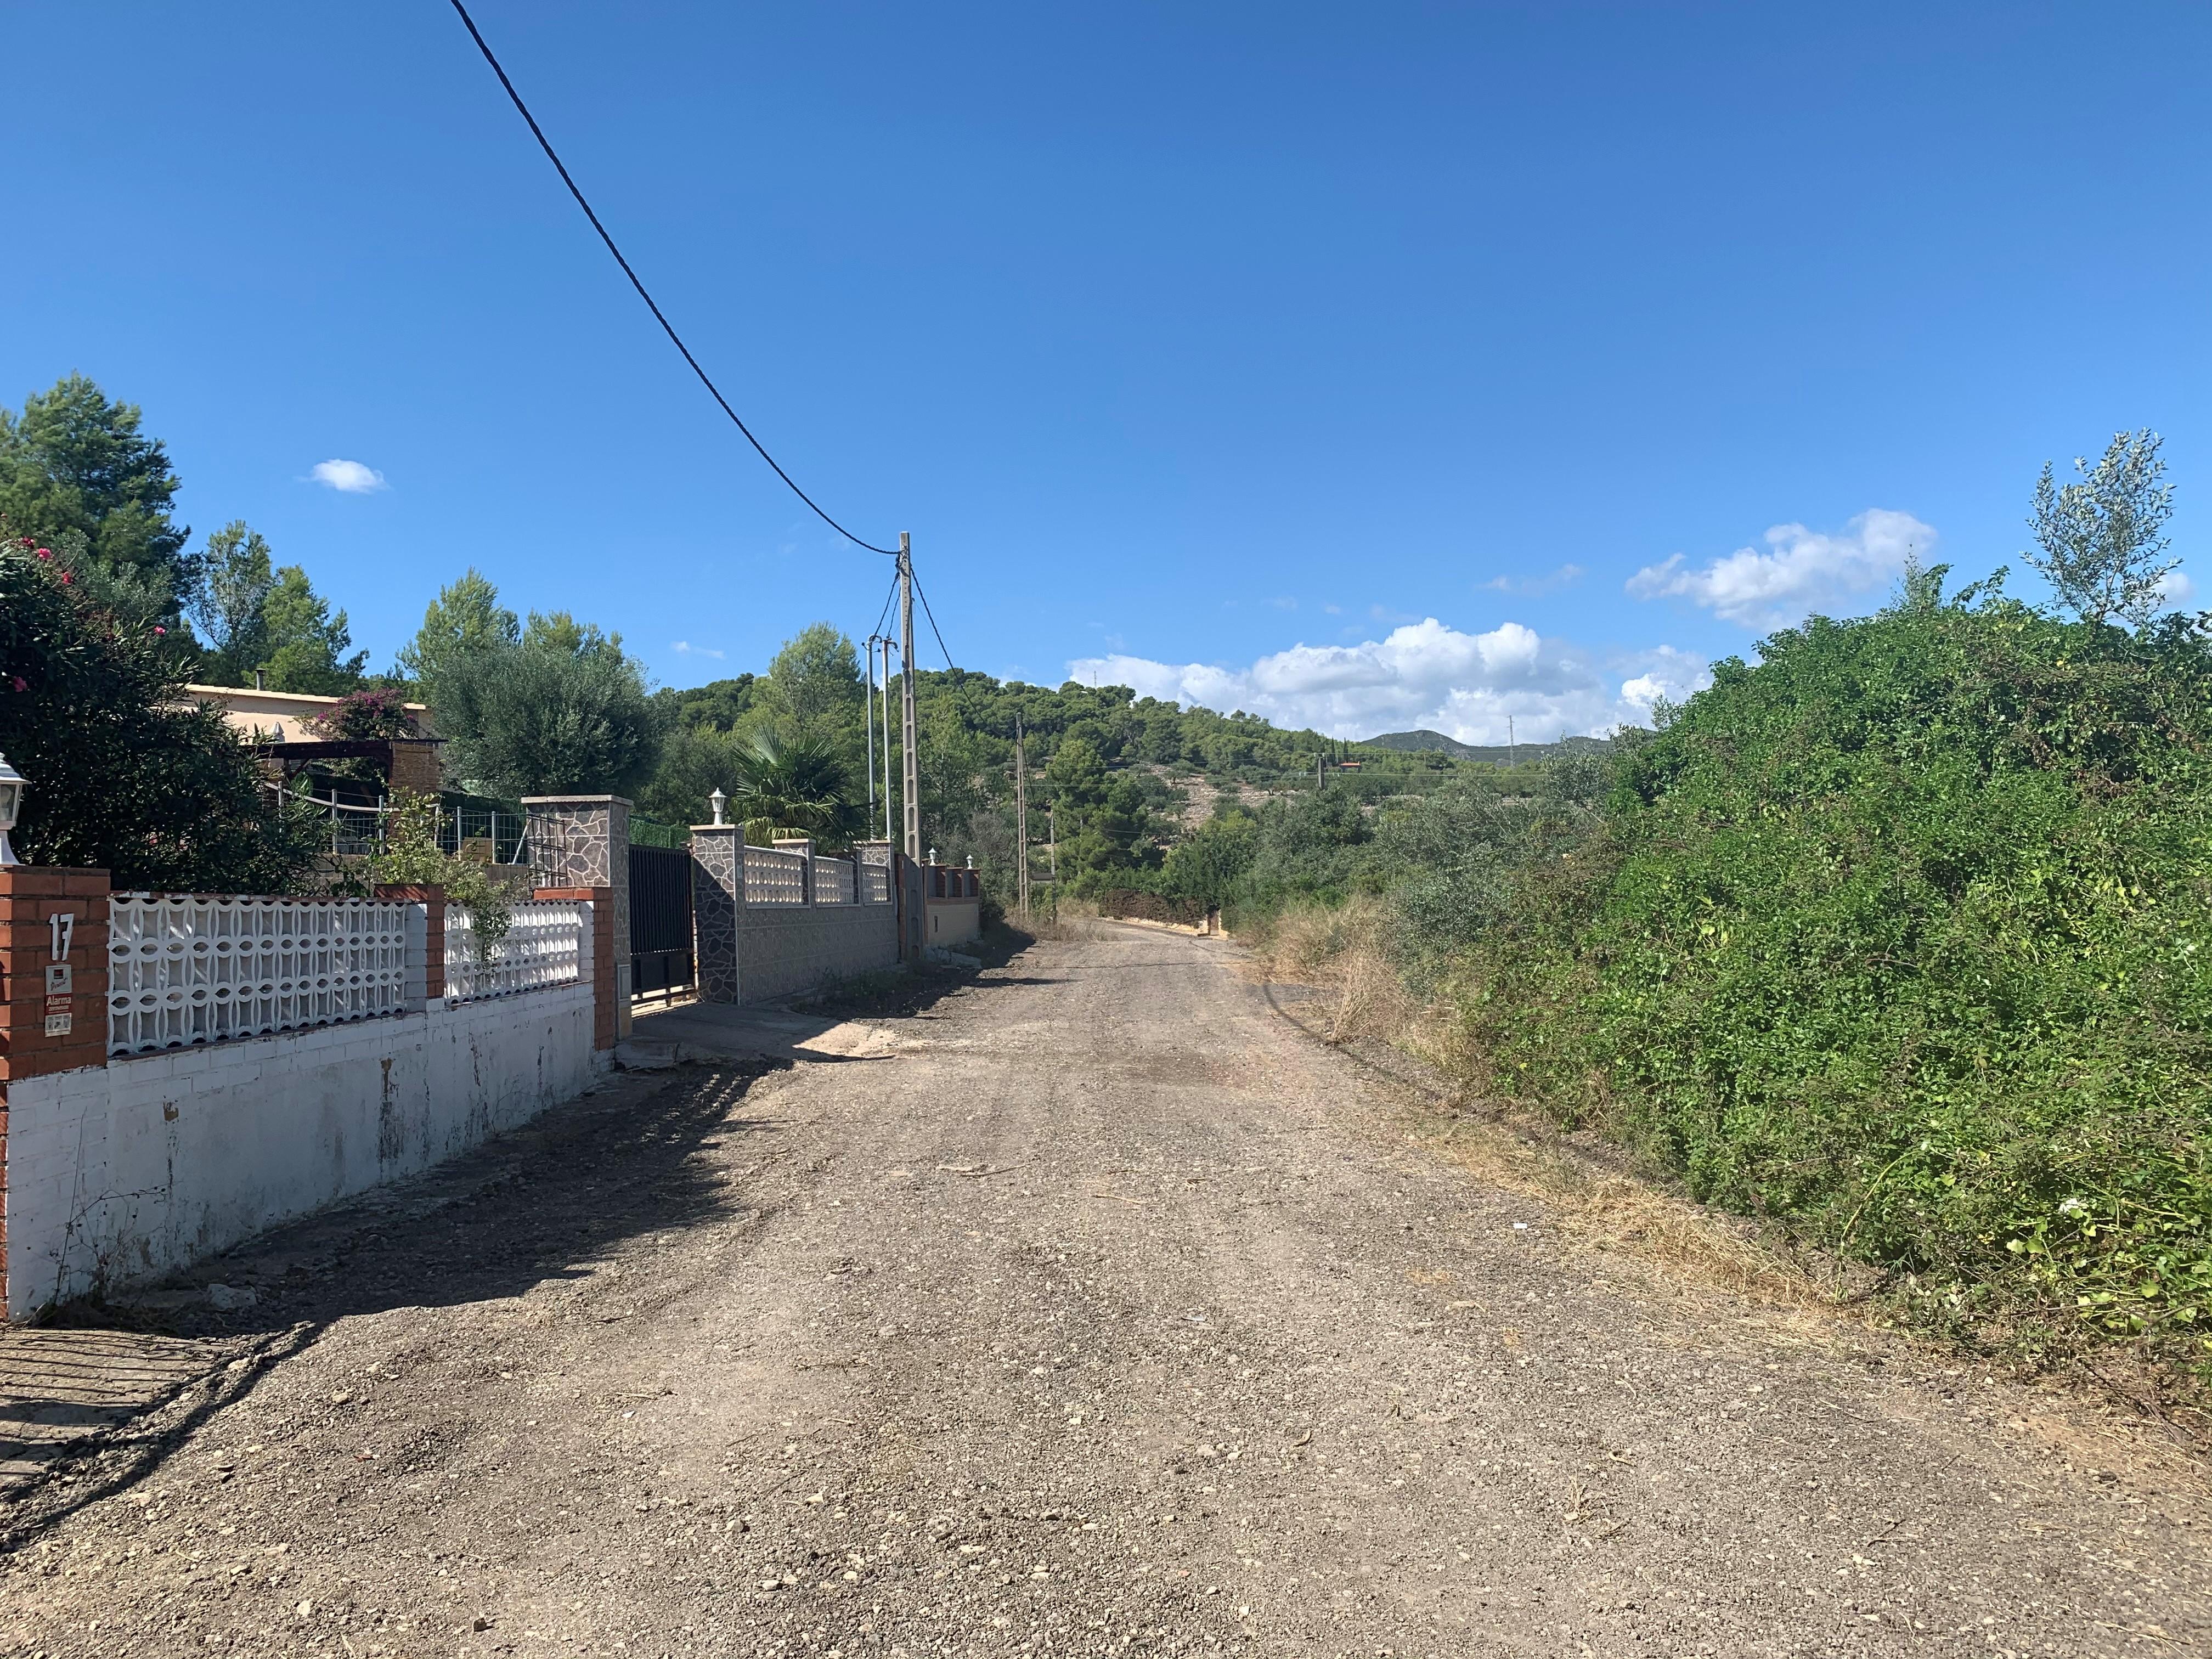 La taxa d'escombraries dels veïns de la Pineda de Santa Cristina que pertanyen a la Bisbal serà inferior l'any 2021